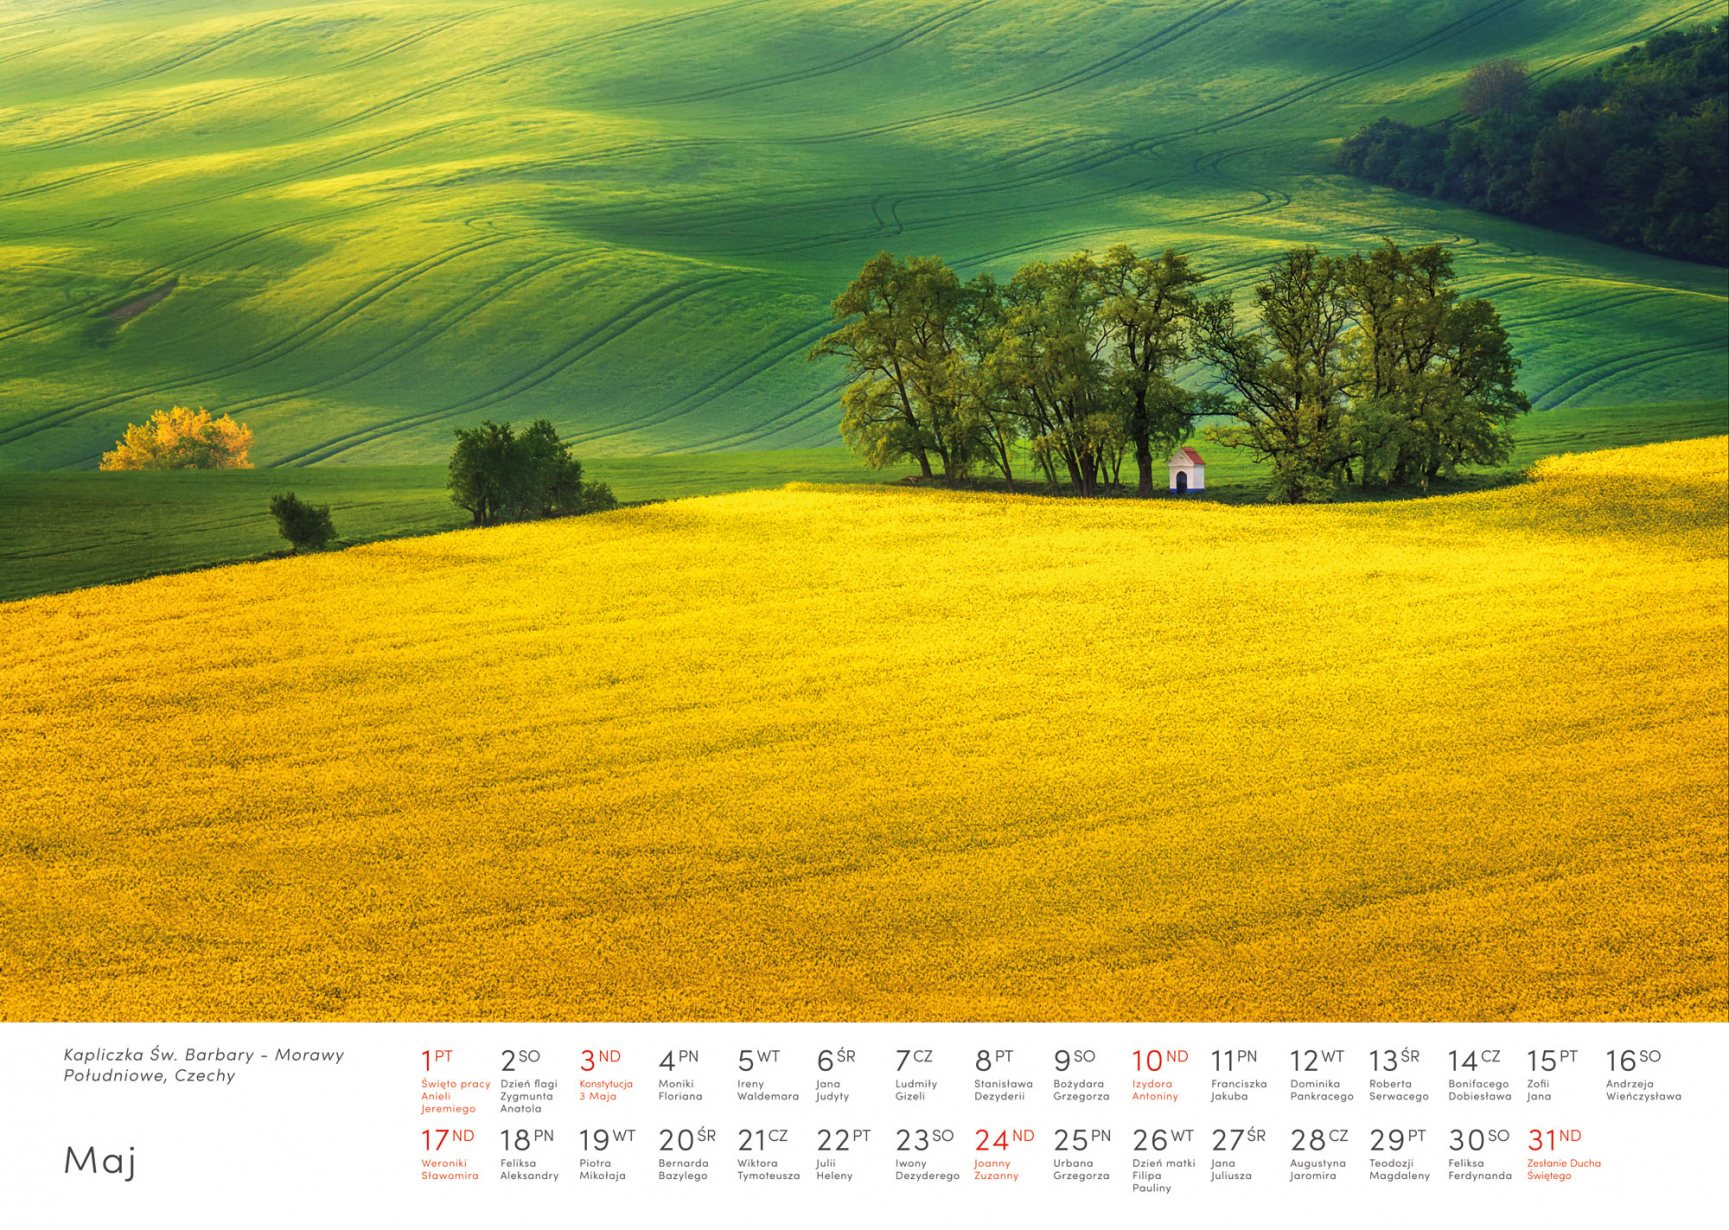 Kalendarz krajobrazy 2020 - Maj - Piotr Kałuża - Kapliczka Św. Barbary w Czechach Morawy Południowe